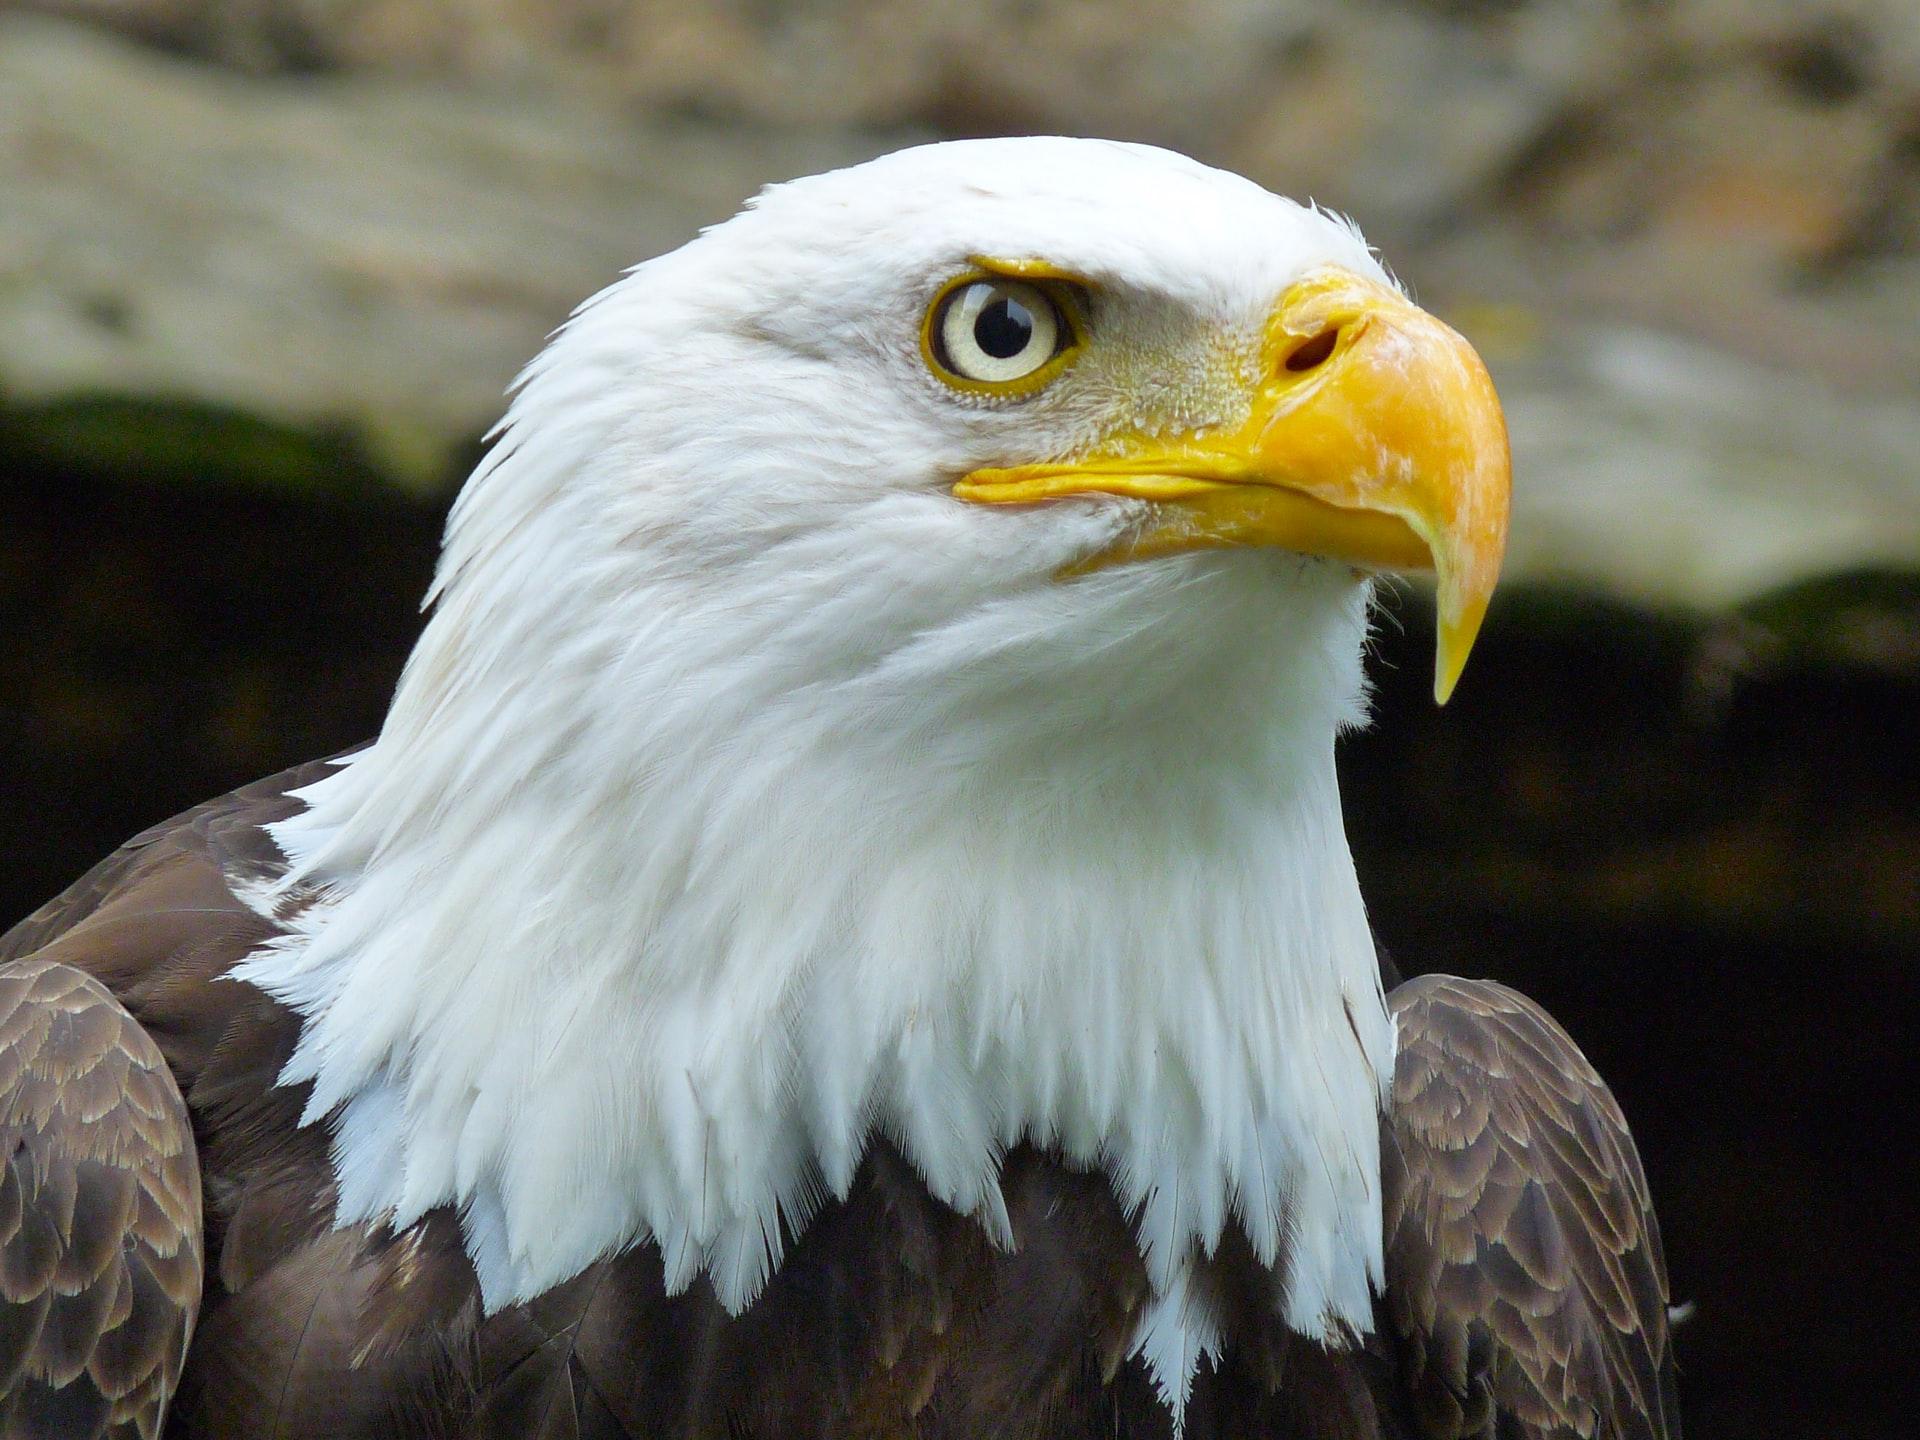 photo of bald eagle www.atozmomm.com